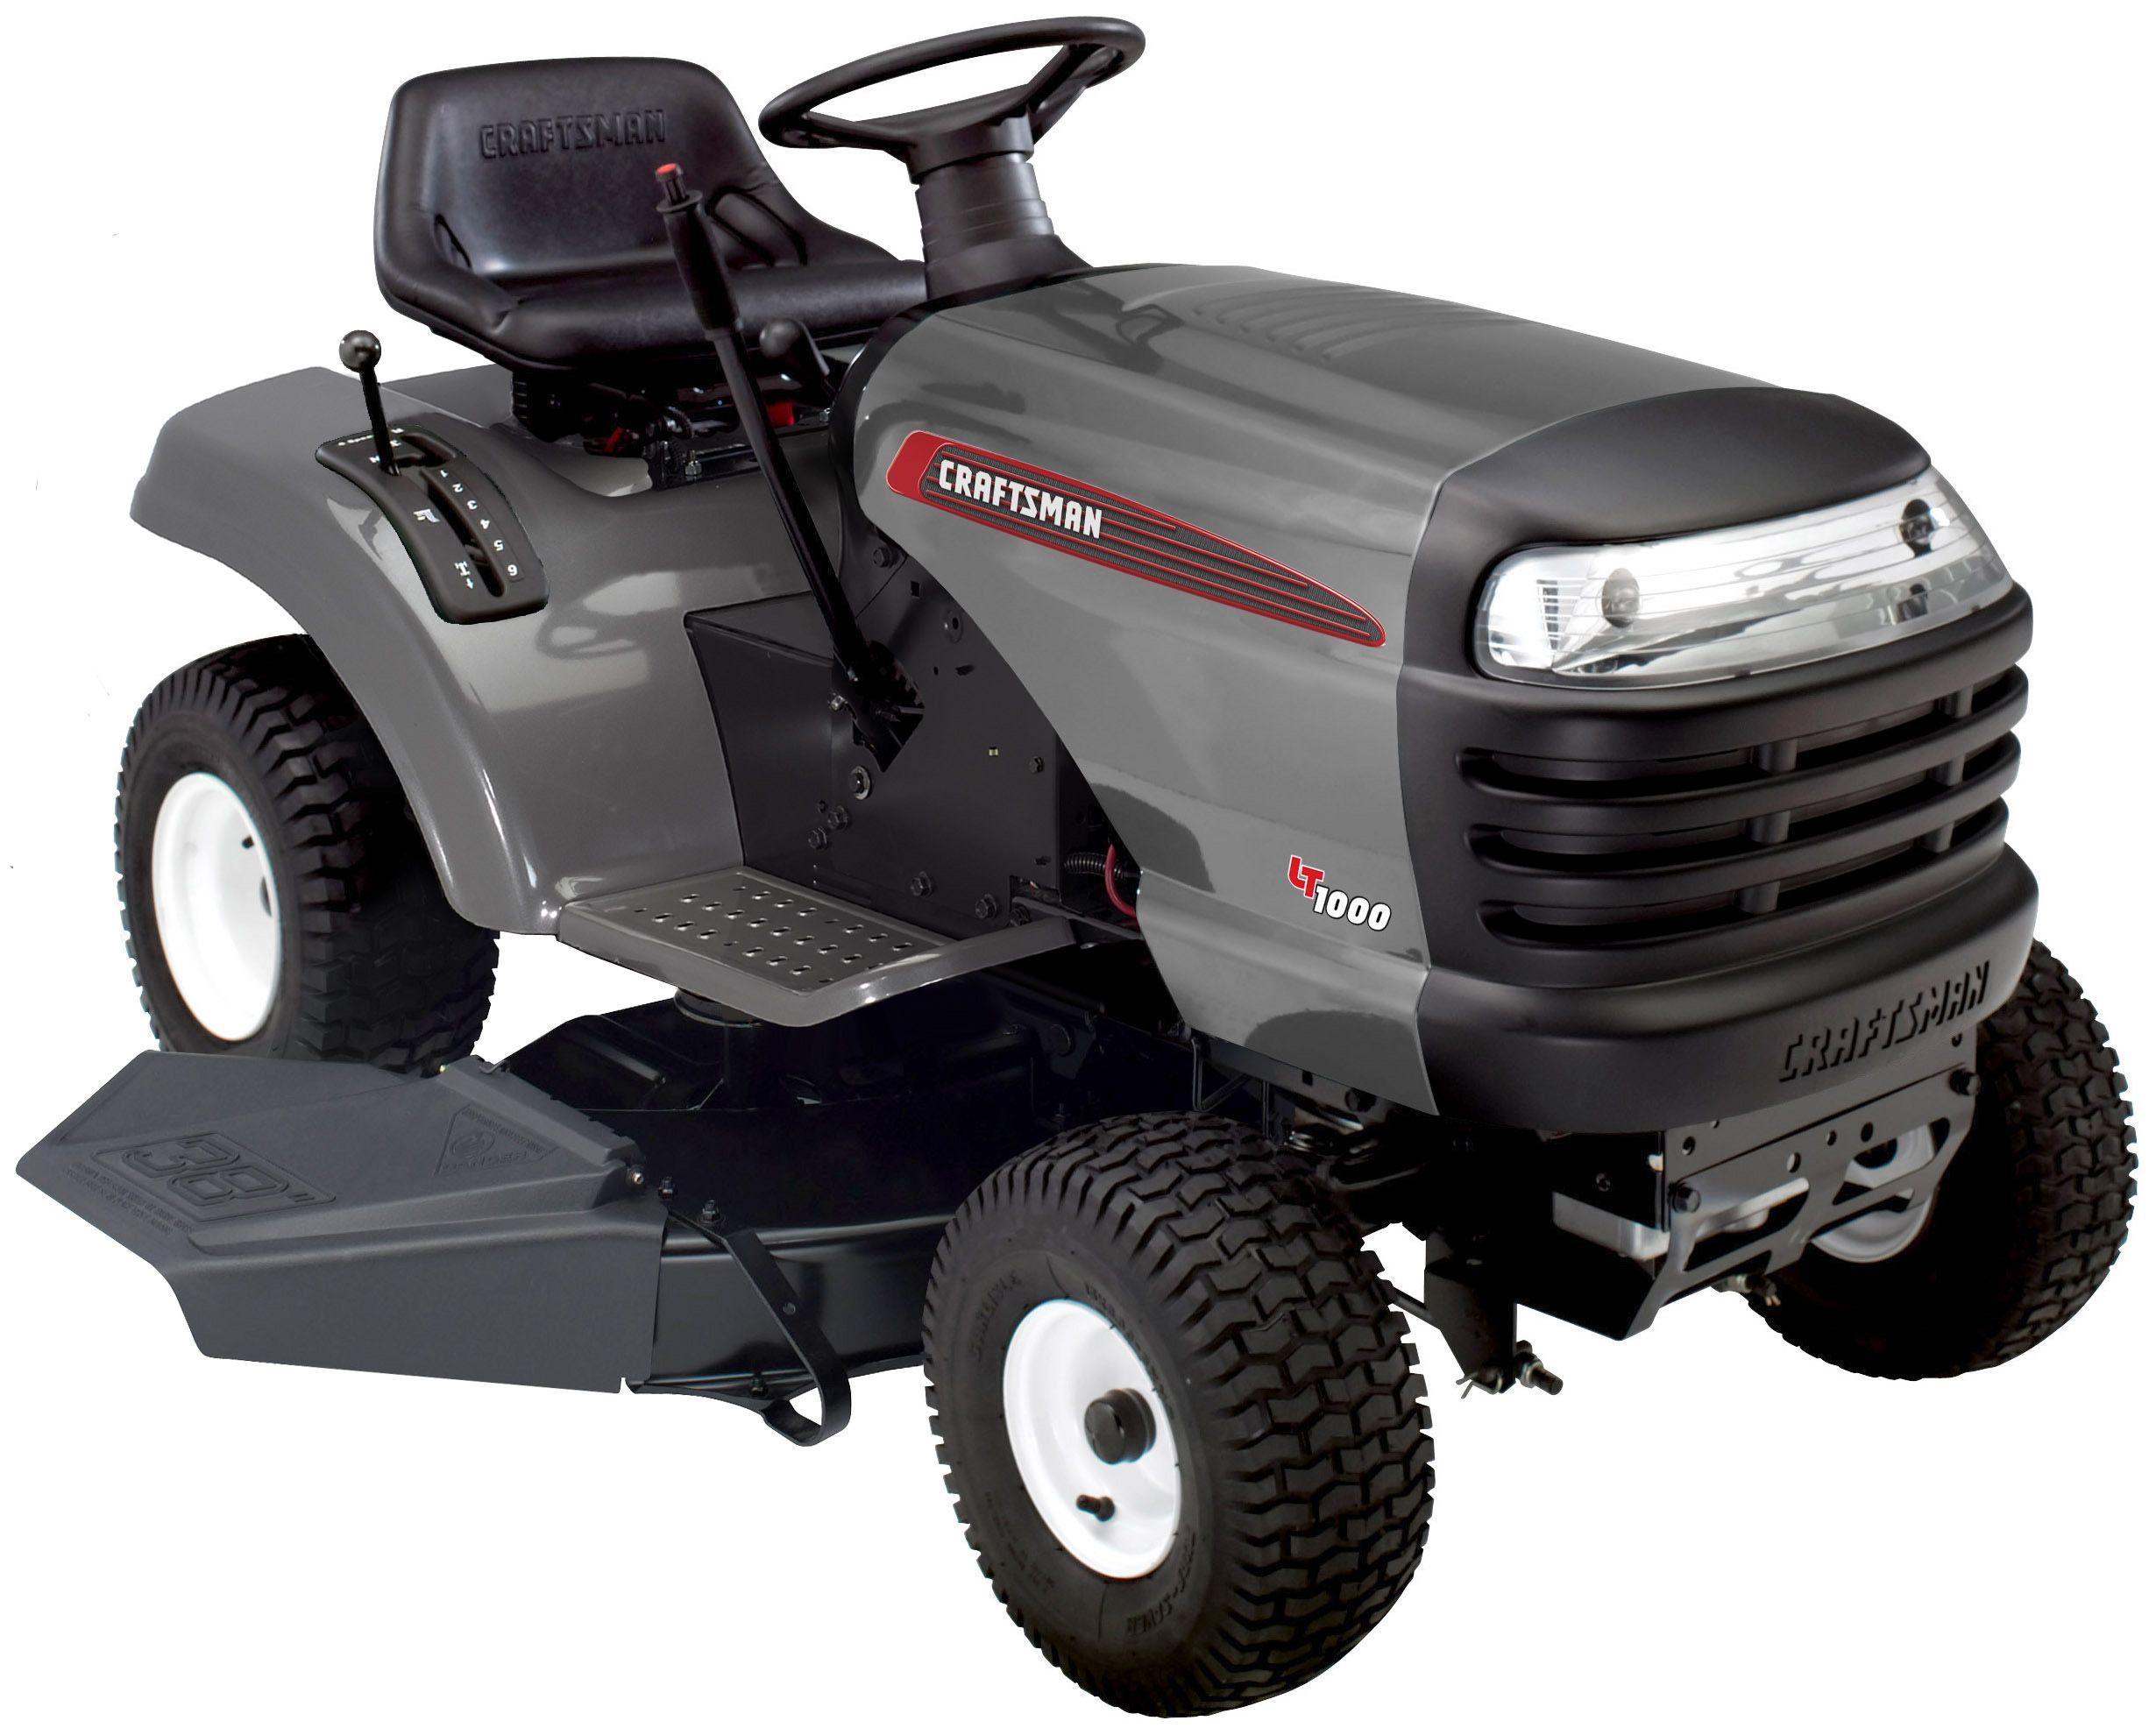 Craftsman Ii 18 Hp Garden Tractor Model 917 254410 Gardening Lt4000 Wiring Diagram 255450 Lt3000